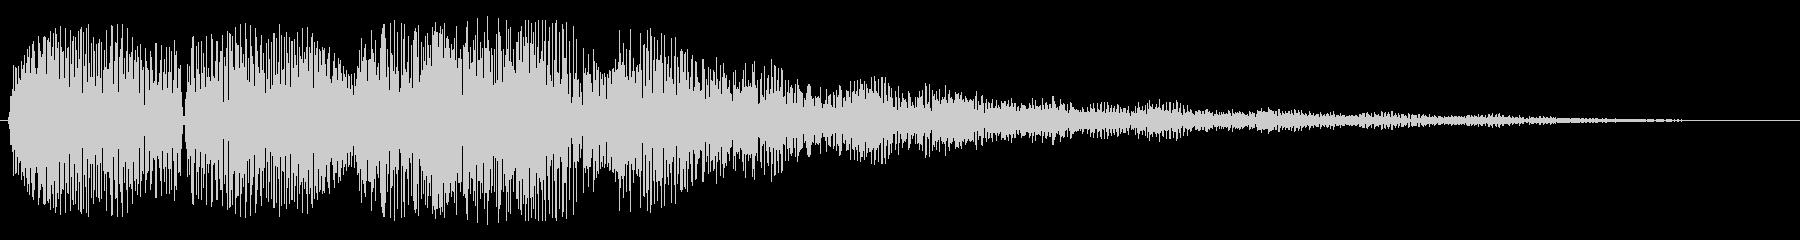 エコーあり着信音(シンセ)の未再生の波形